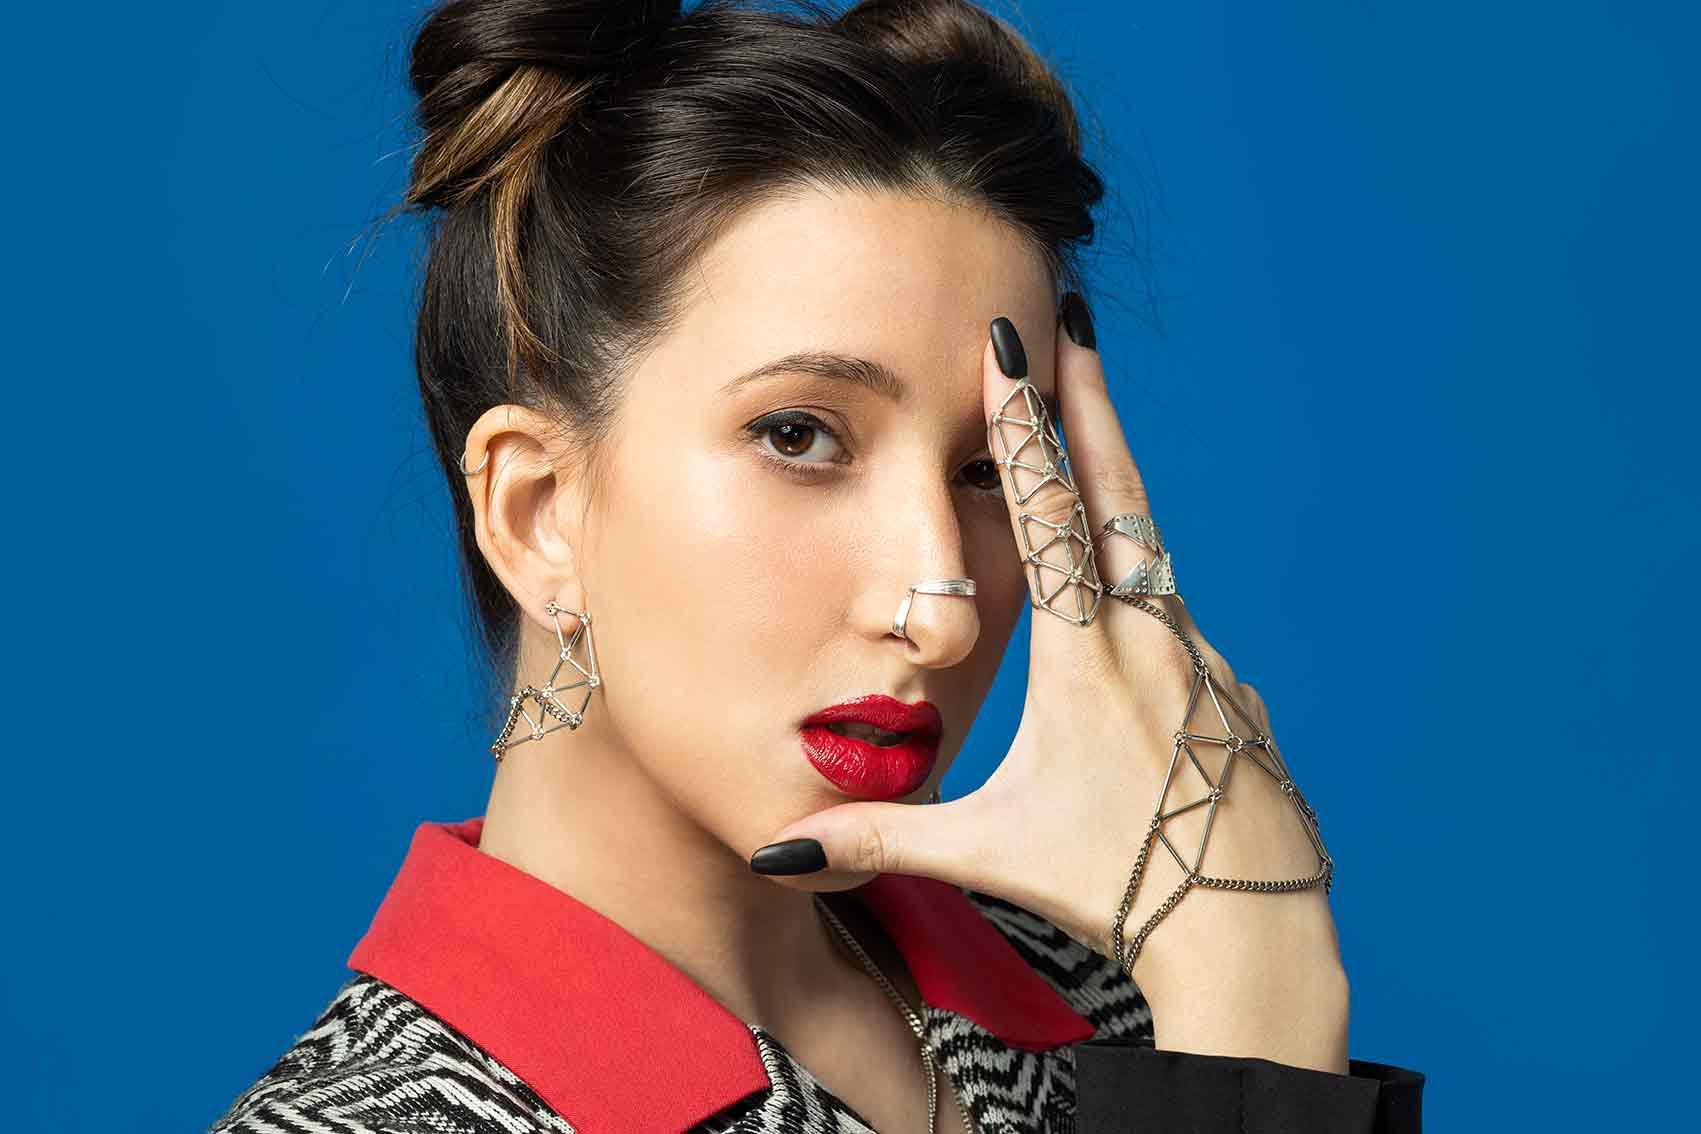 אמה אל שיר - צילום: אוהד ארידן. עיצוב אופנה: מעוז דהאן - נובוריש דוג